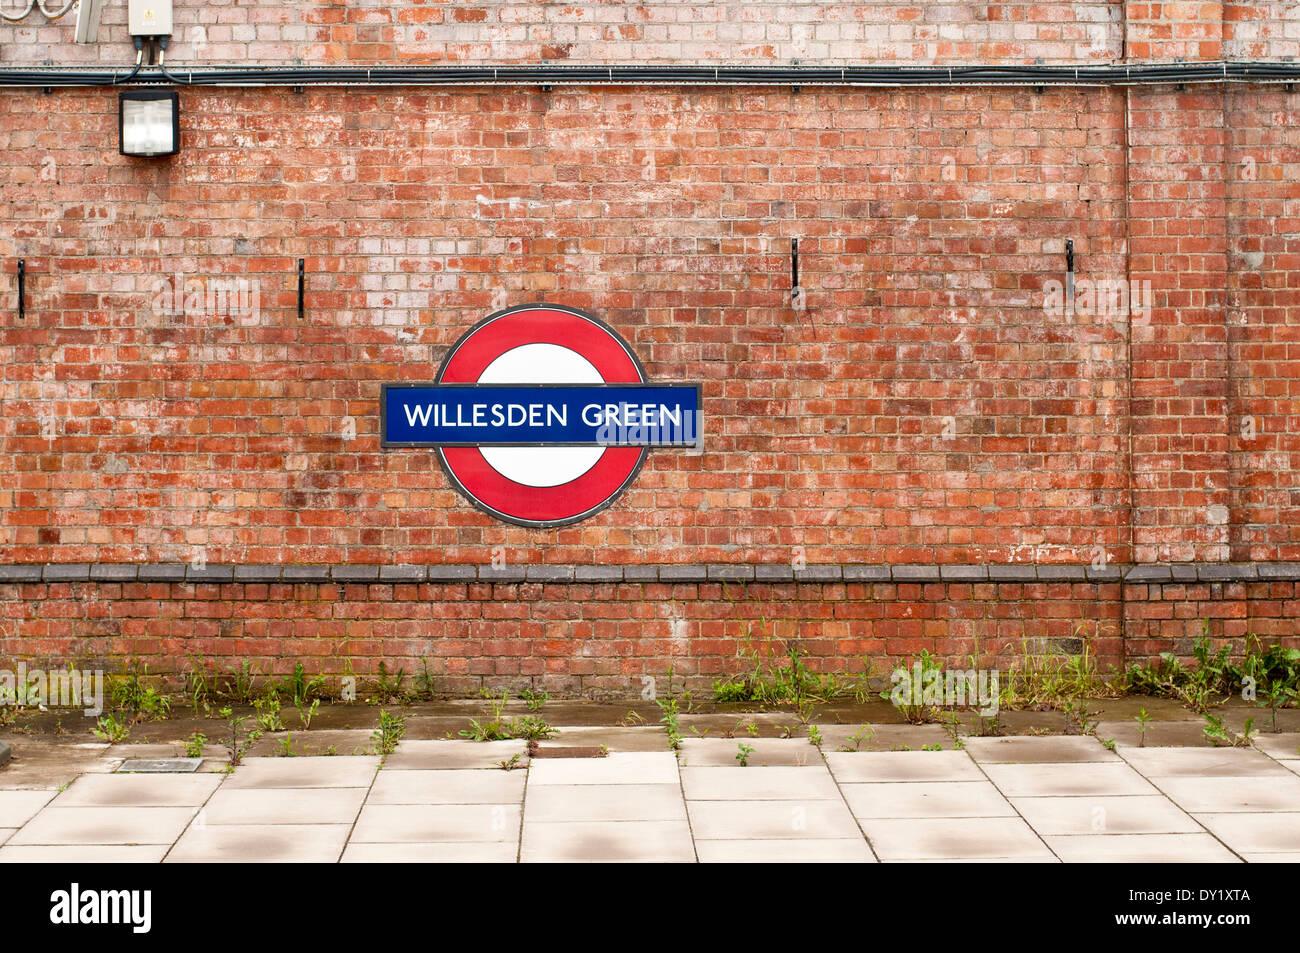 Willesden Green Tube Station Logo - Stock Image